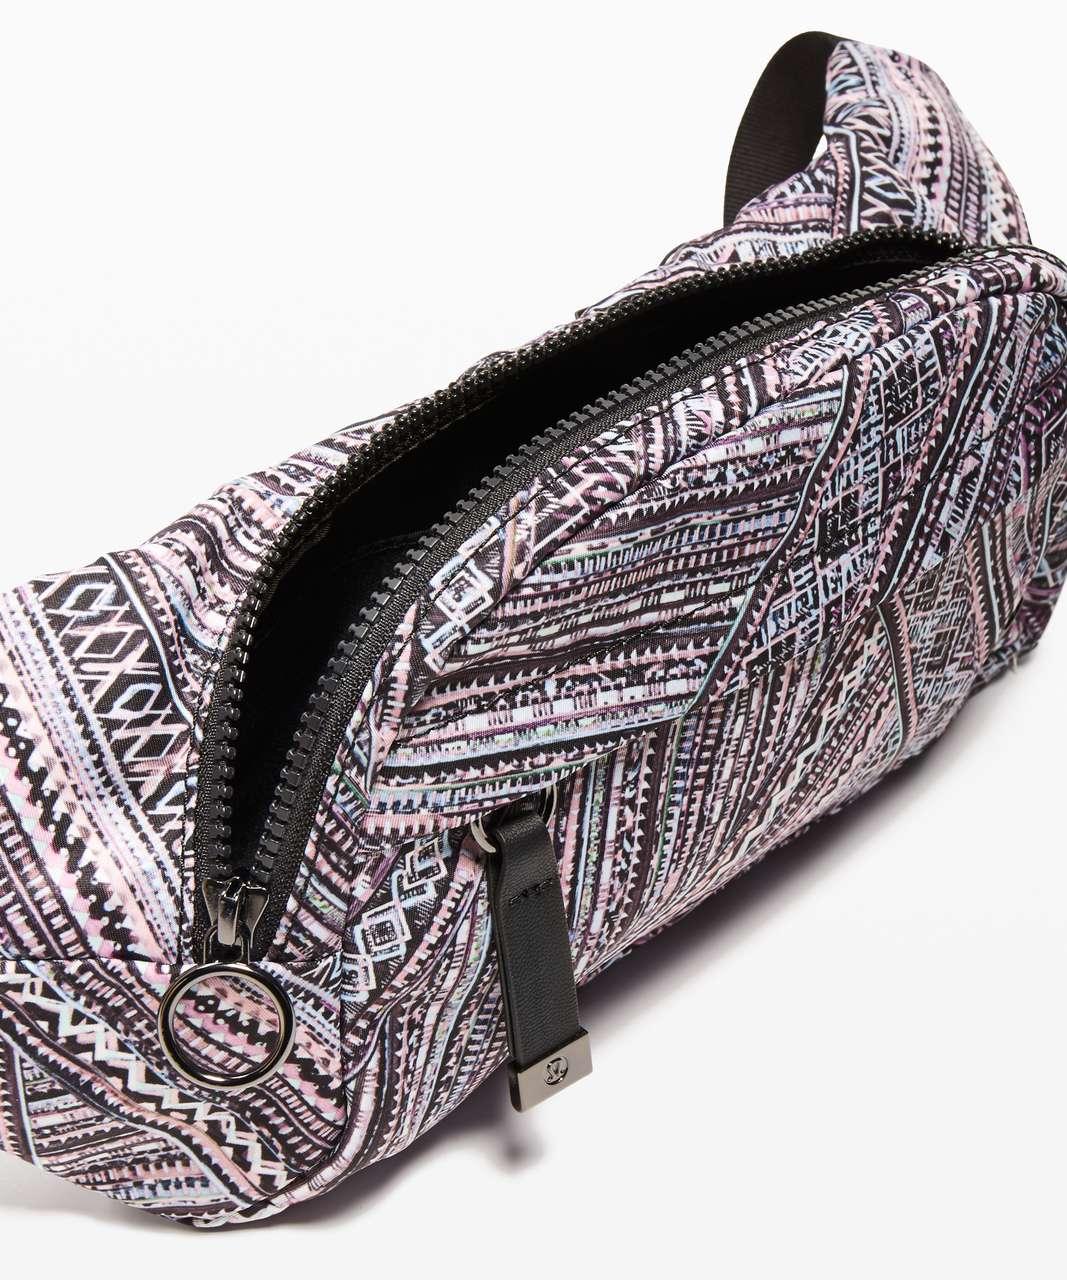 e7bc6b851e Lululemon On The Beat Belt Bag *4.5L - Tribal Pace White Black ...